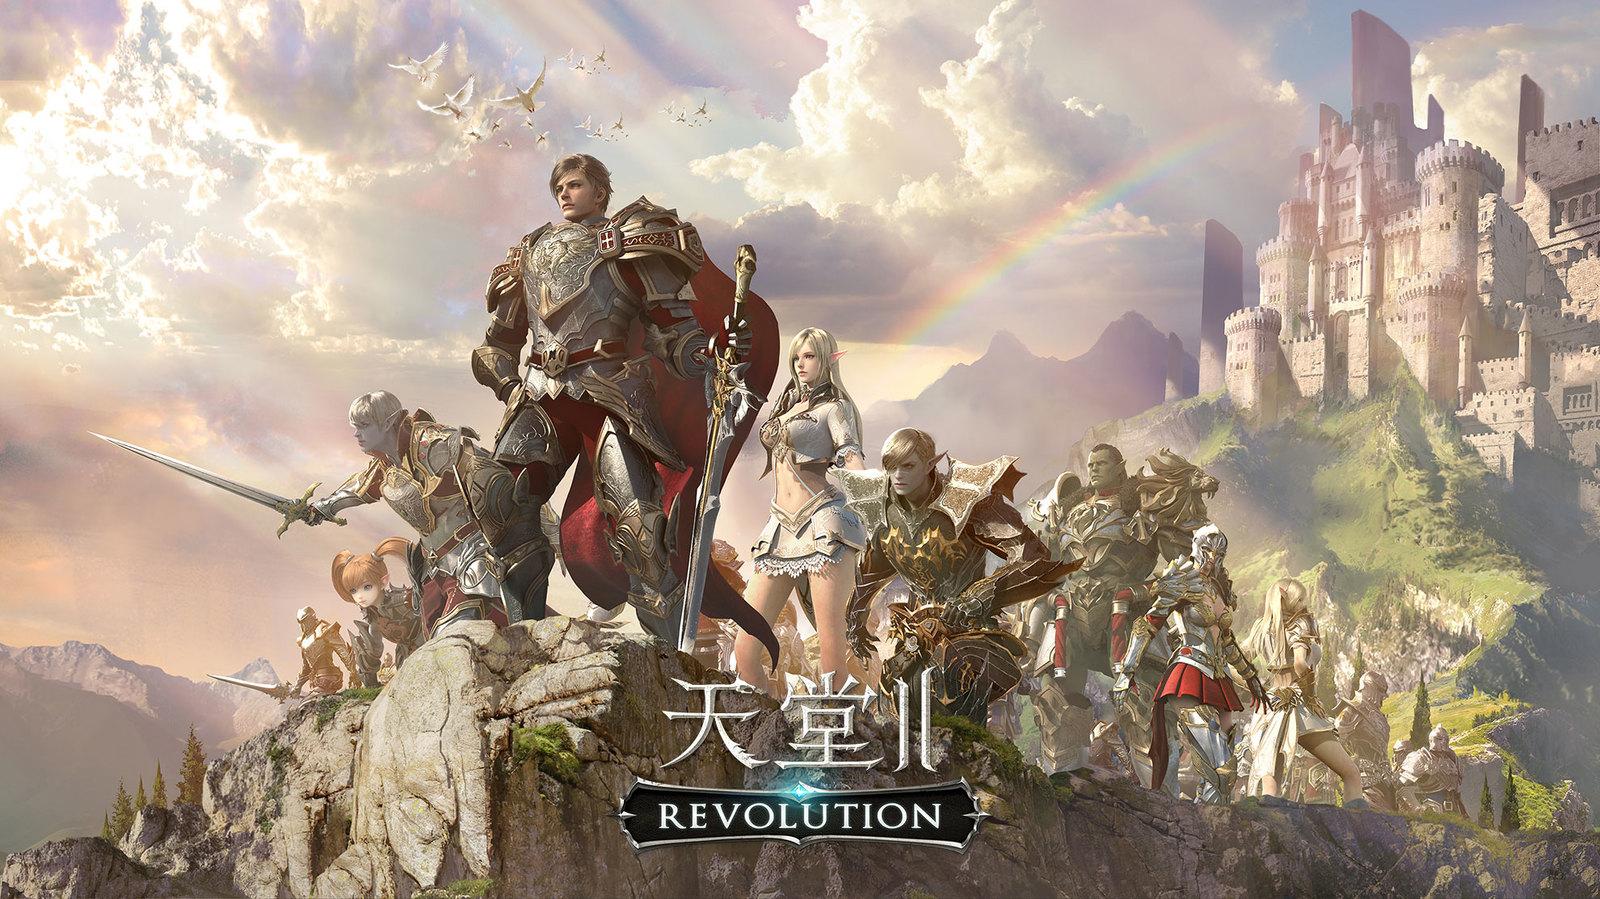 Картинки по запросу lineage 2 revolution